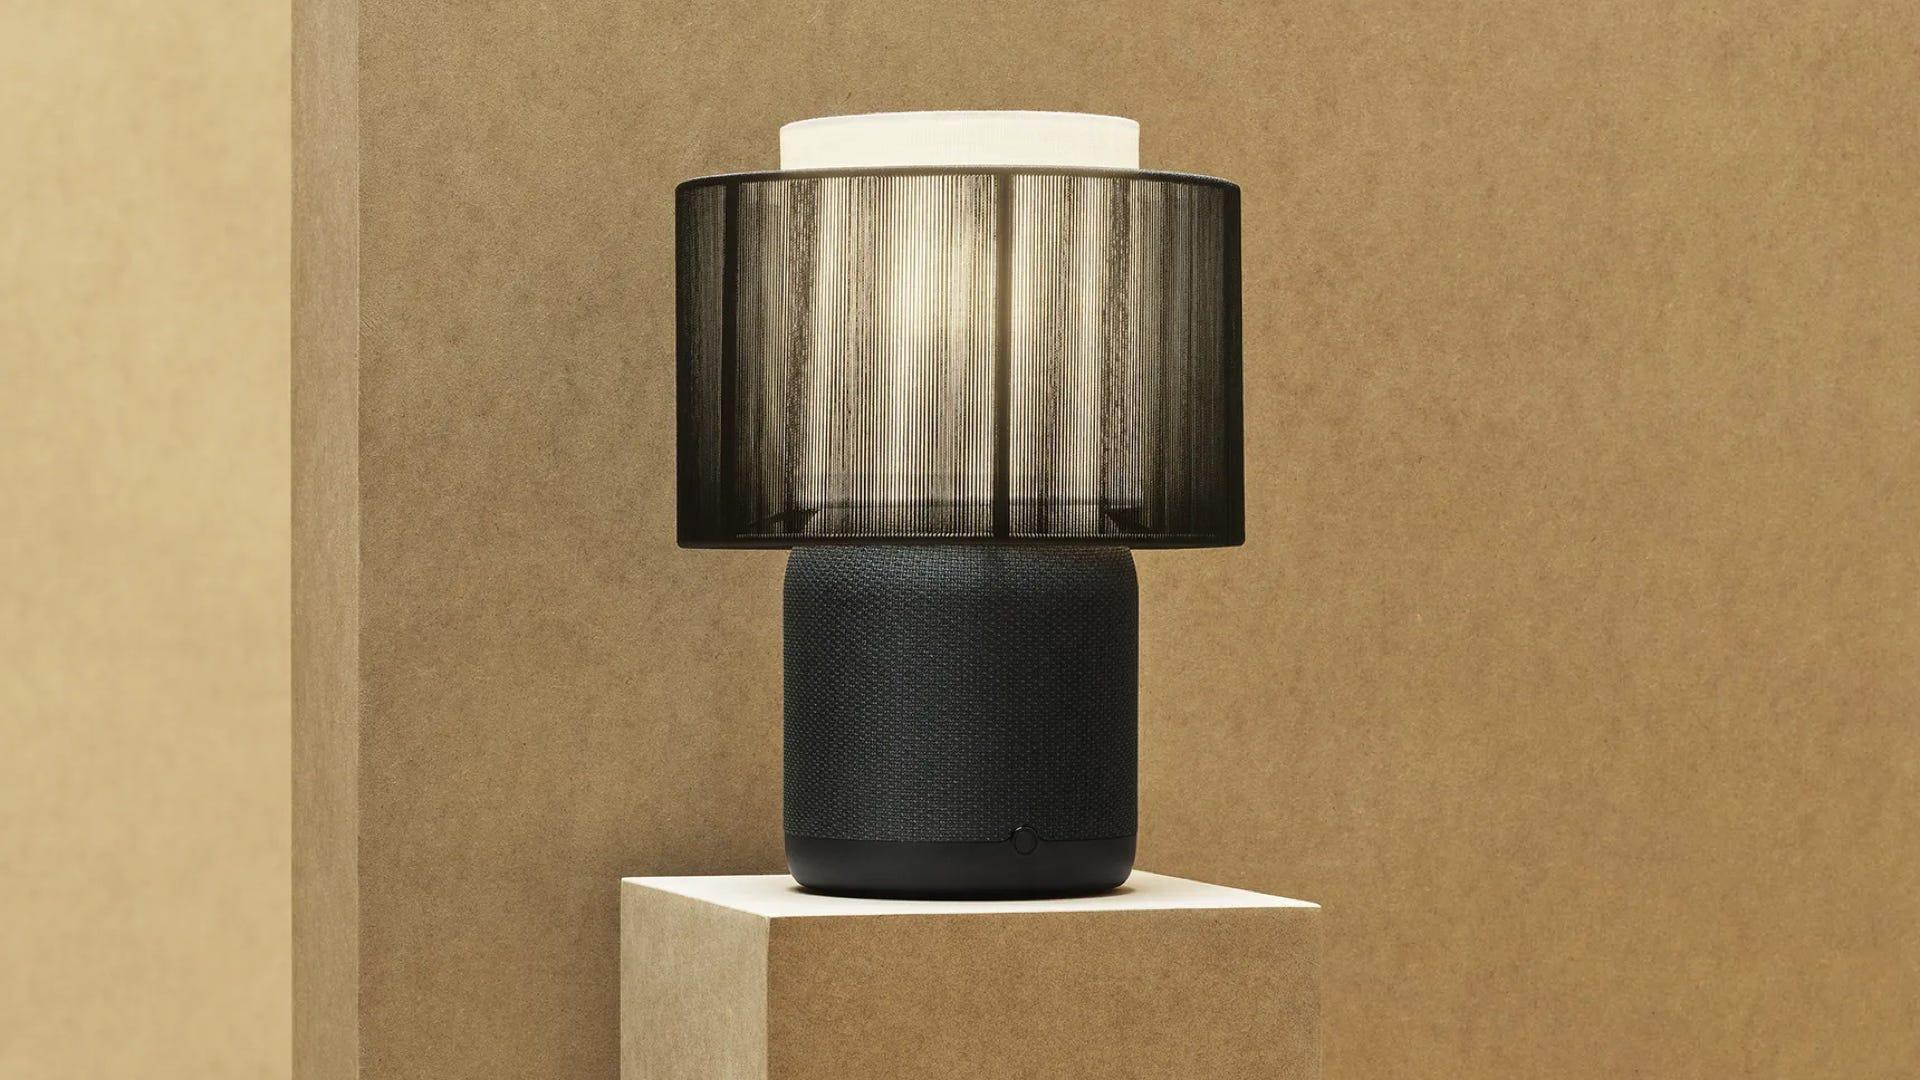 Sonos Symfonisk speaker lamp from IKEA